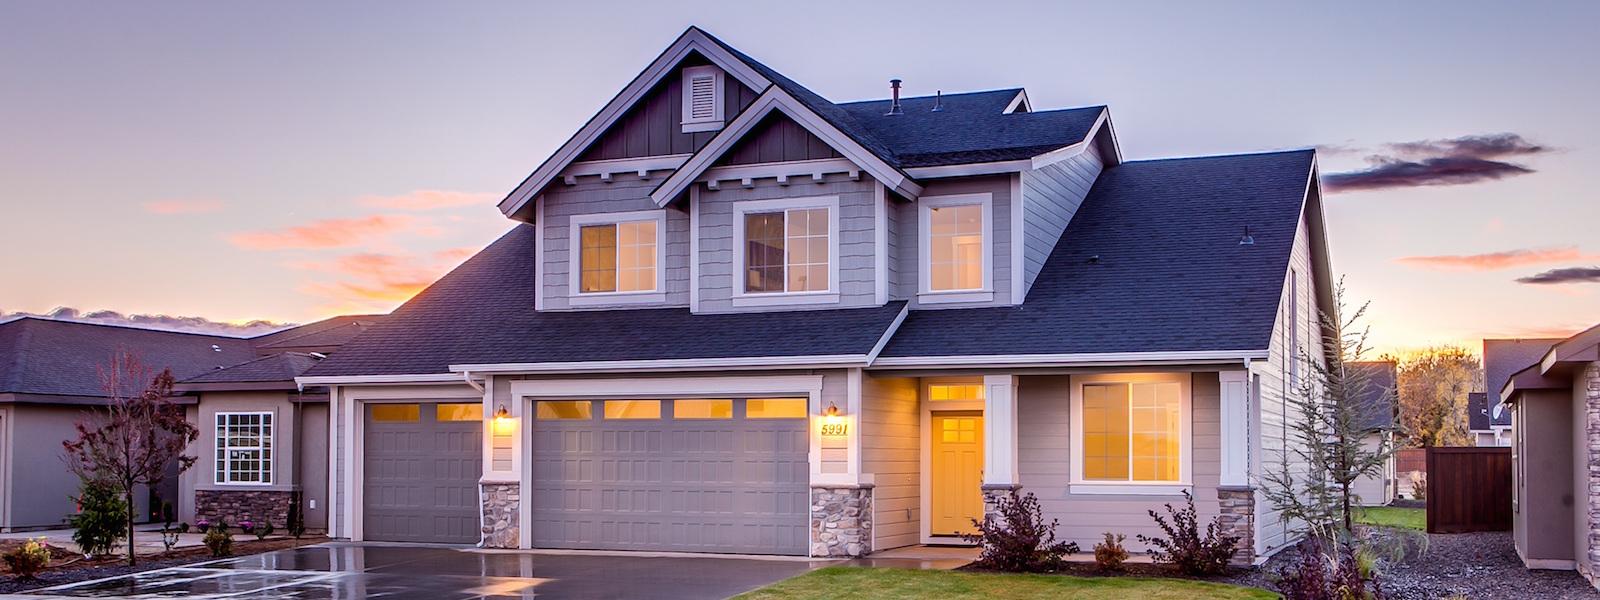 راهکارهای صرفه جویی انرژی در خانه